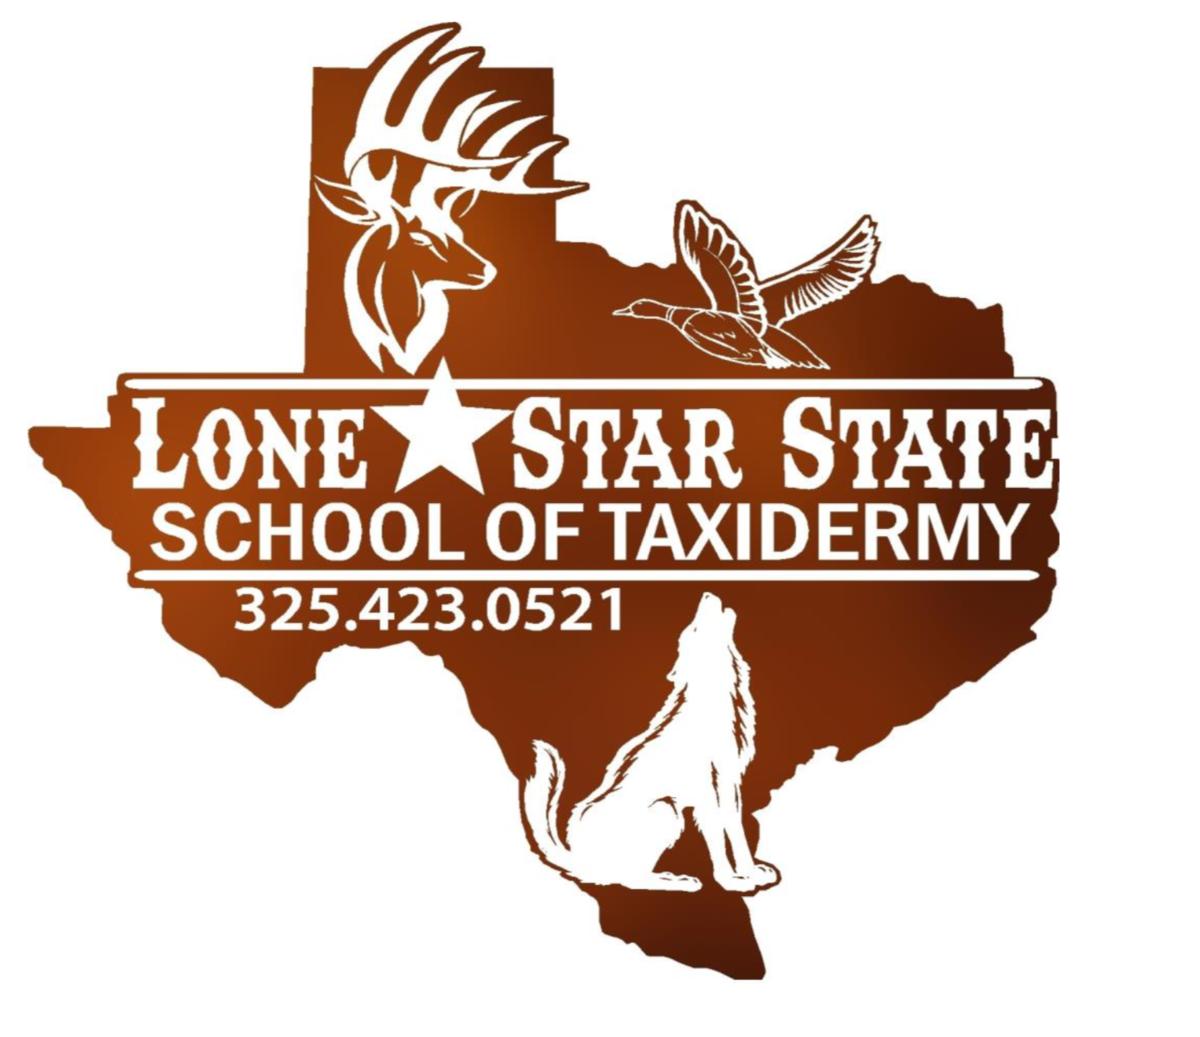 Lone Star Taxidermy